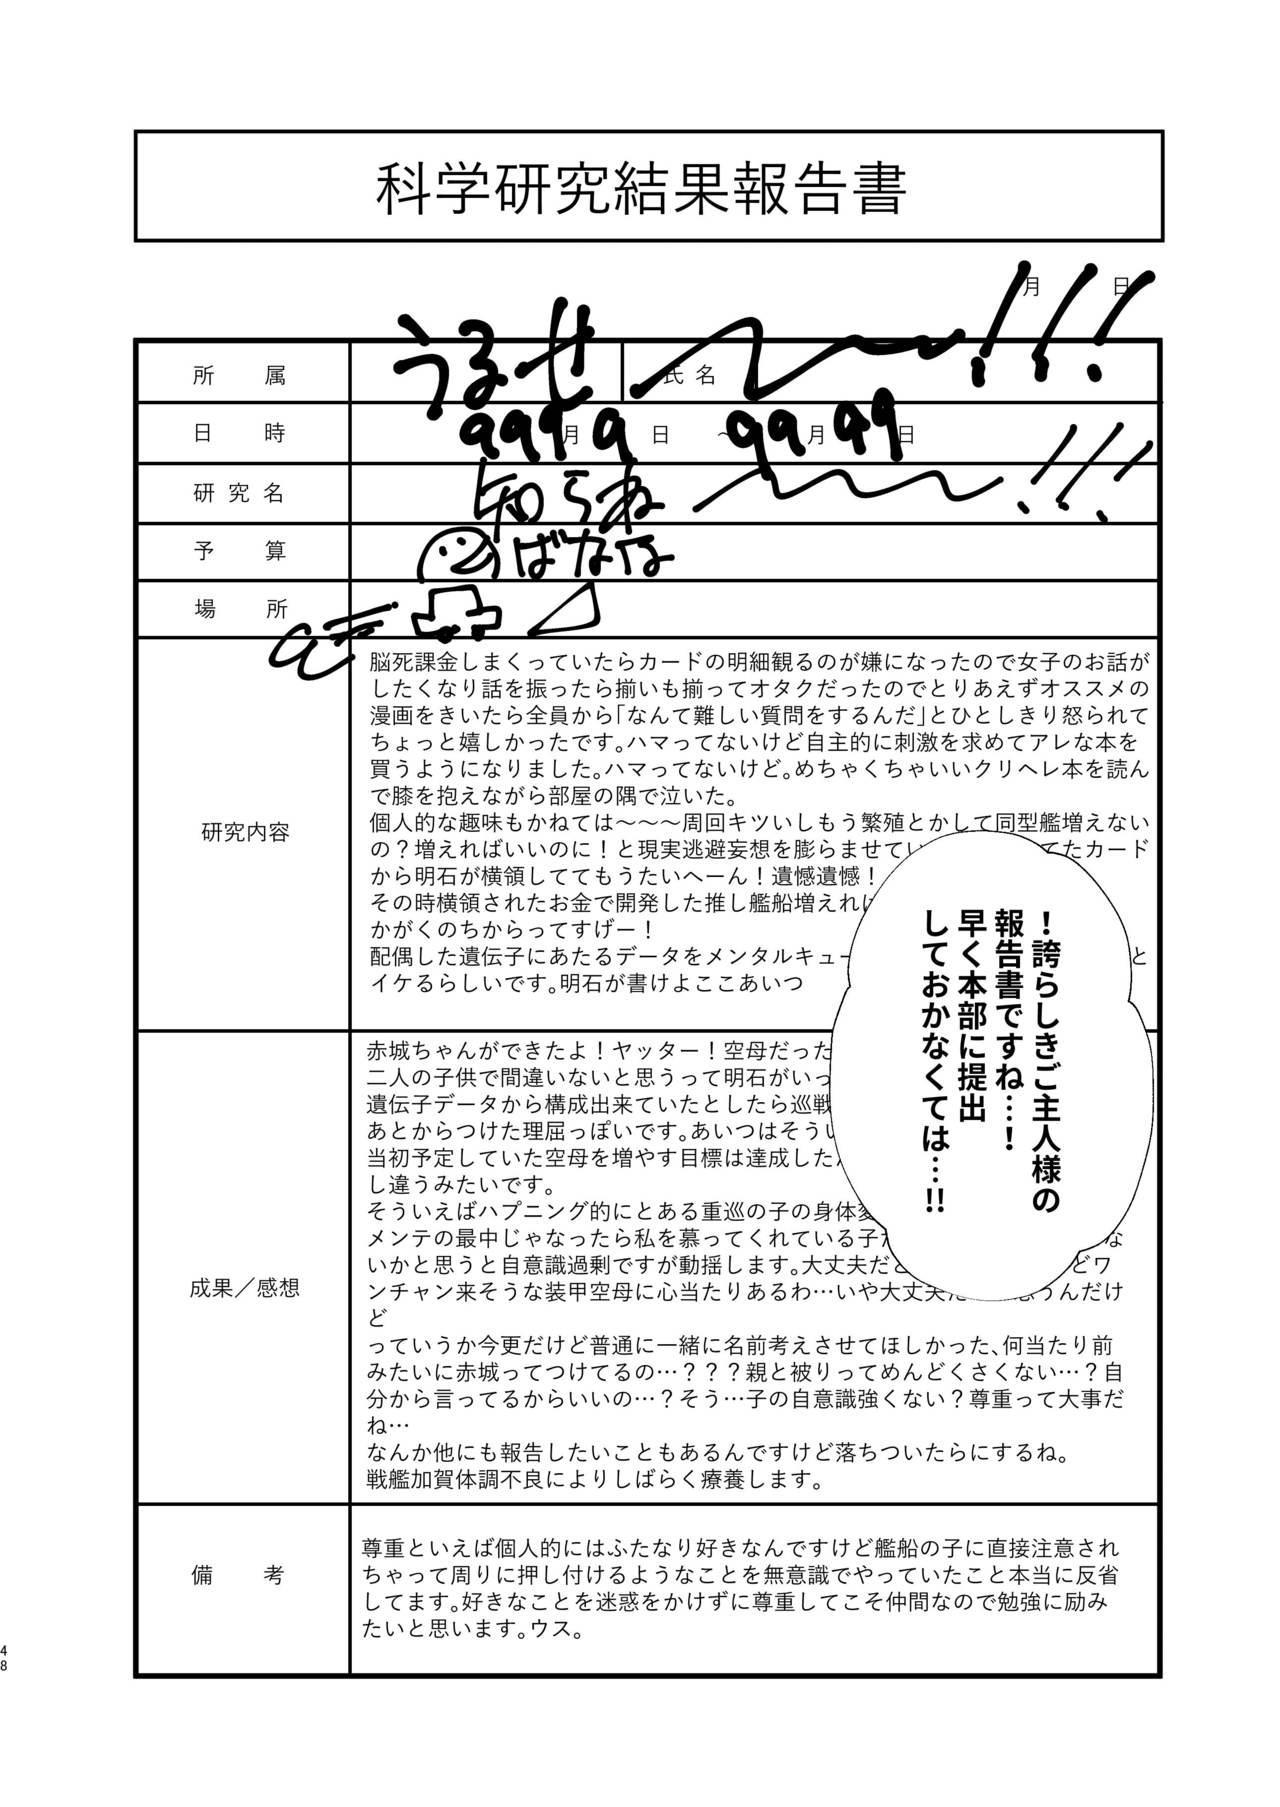 Kitai no Shisugi wa Kinmotsu desu! - Sticks are not necessarily buff 46